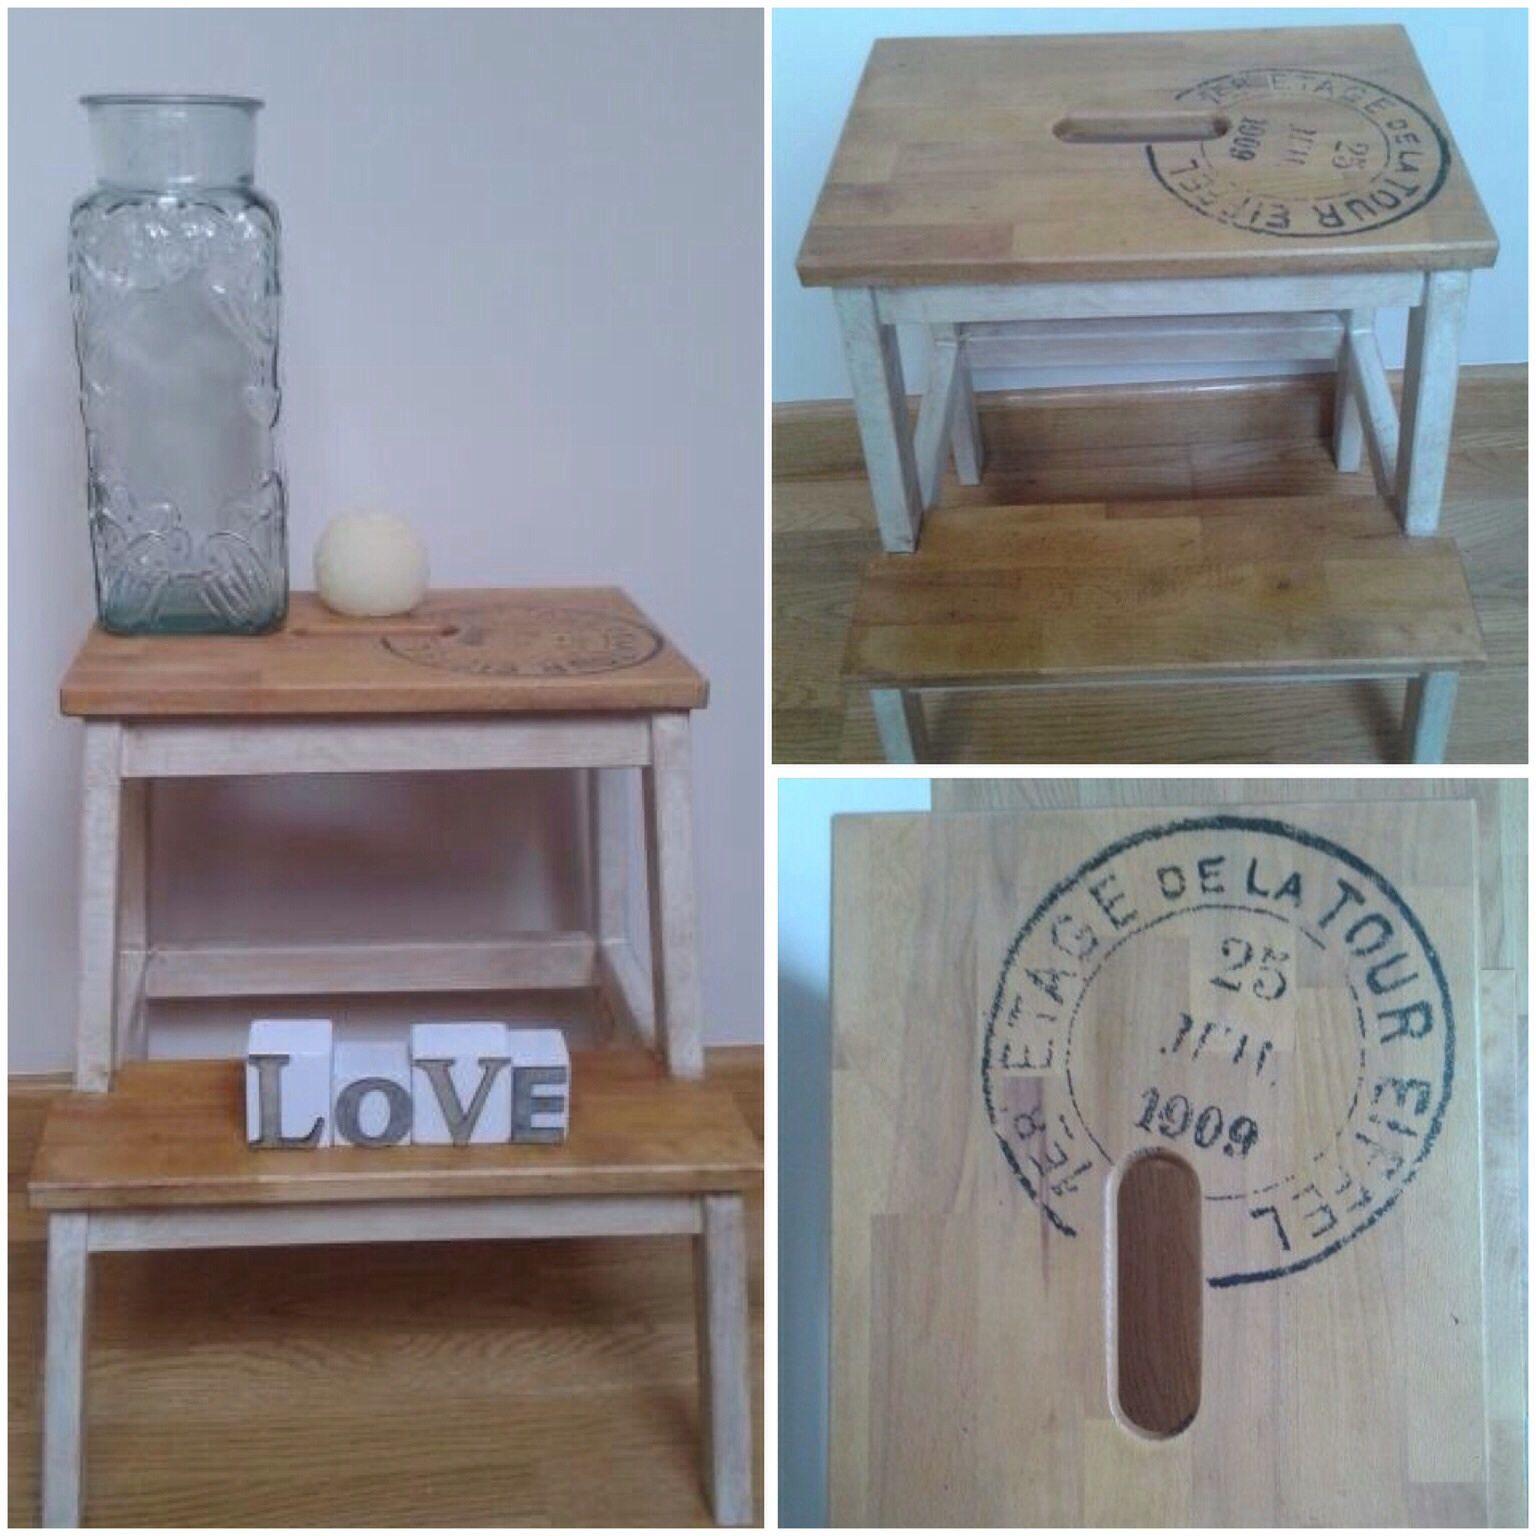 Ikea hack mueble bekväm con transfer y pintura. DIY | diy ...